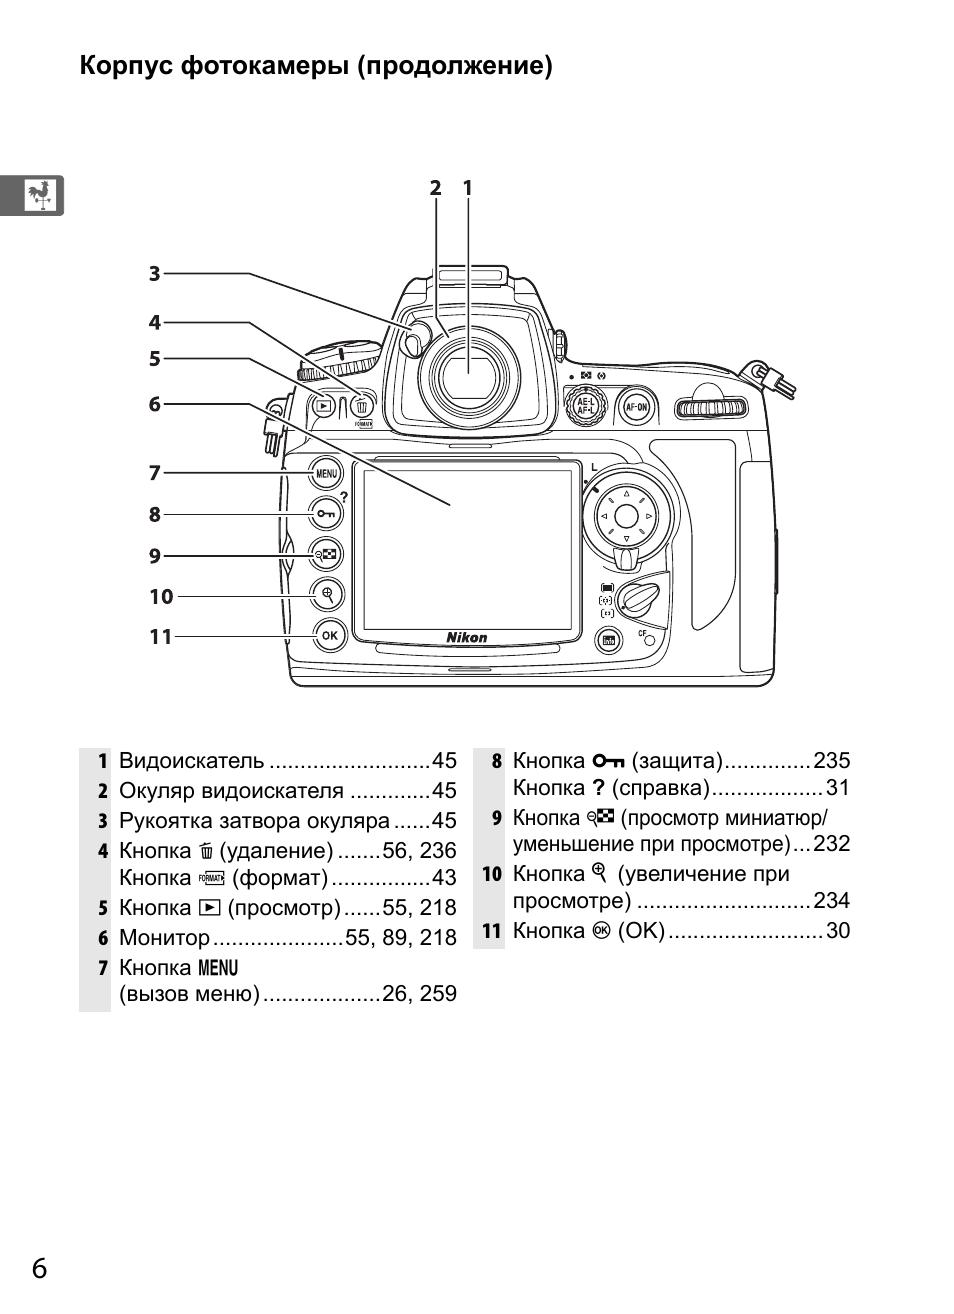 получается инструкция по эксплуатации фотоаппарата никон разрешил